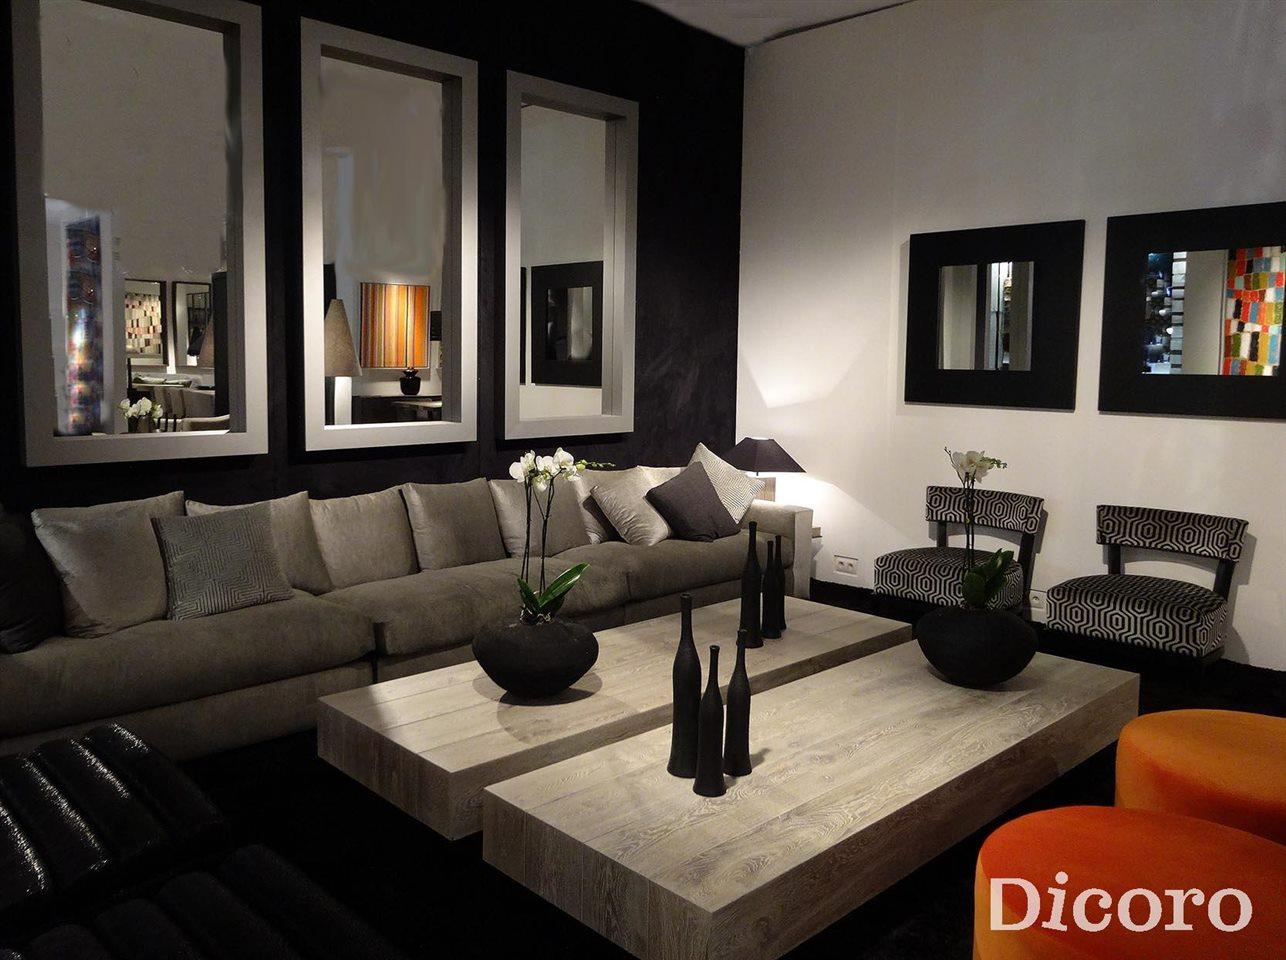 Jugando con espejos en todos los rincones de la casa for Decoracion con espejos en paredes